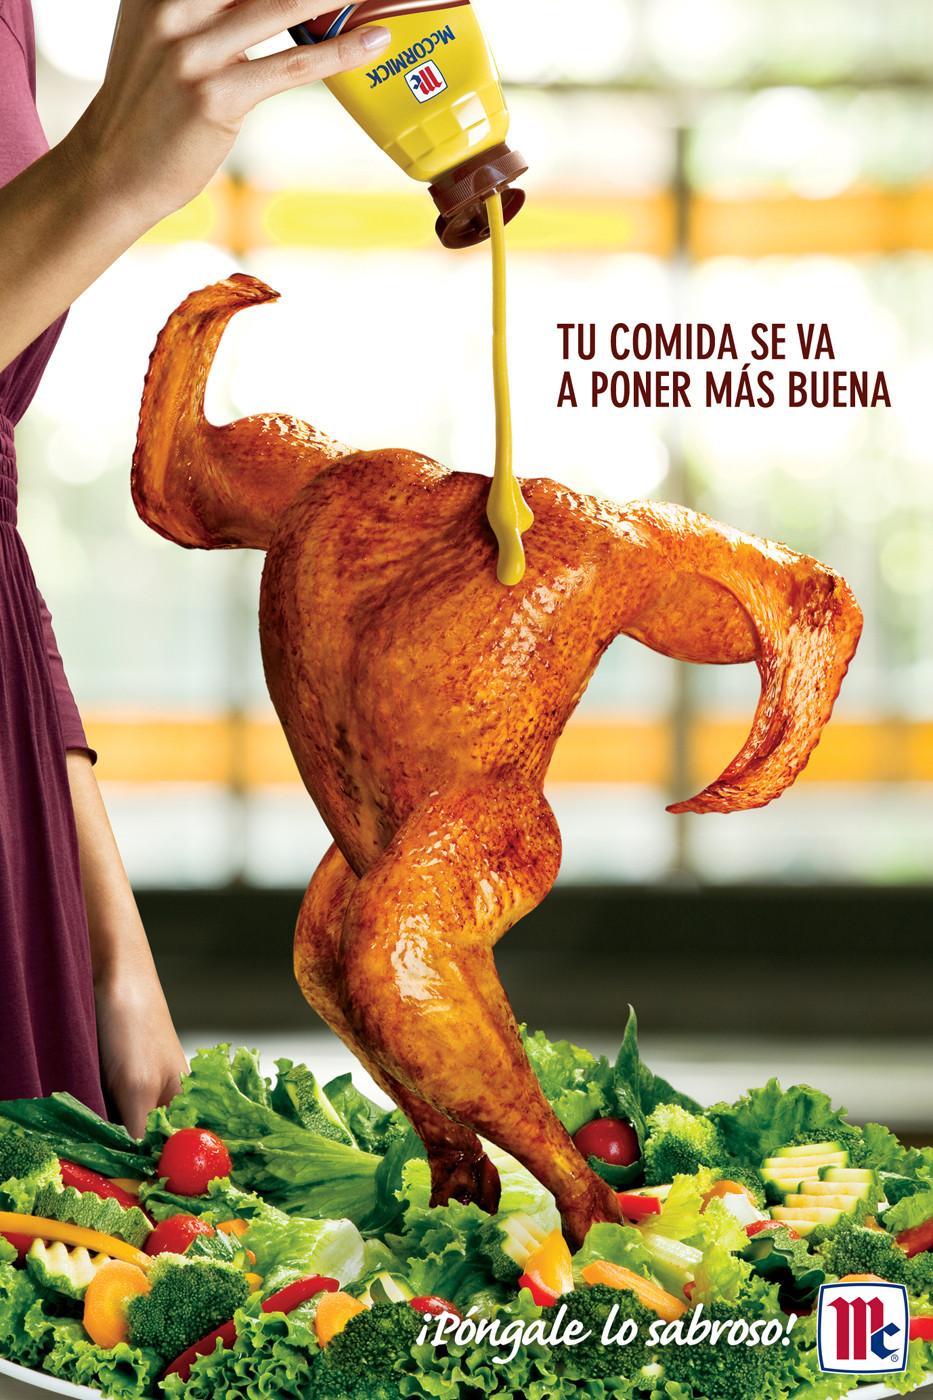 Горчица McCormick делает курицу красивее, утверждает мексиканское агентство Publicidad Augusto Elias.